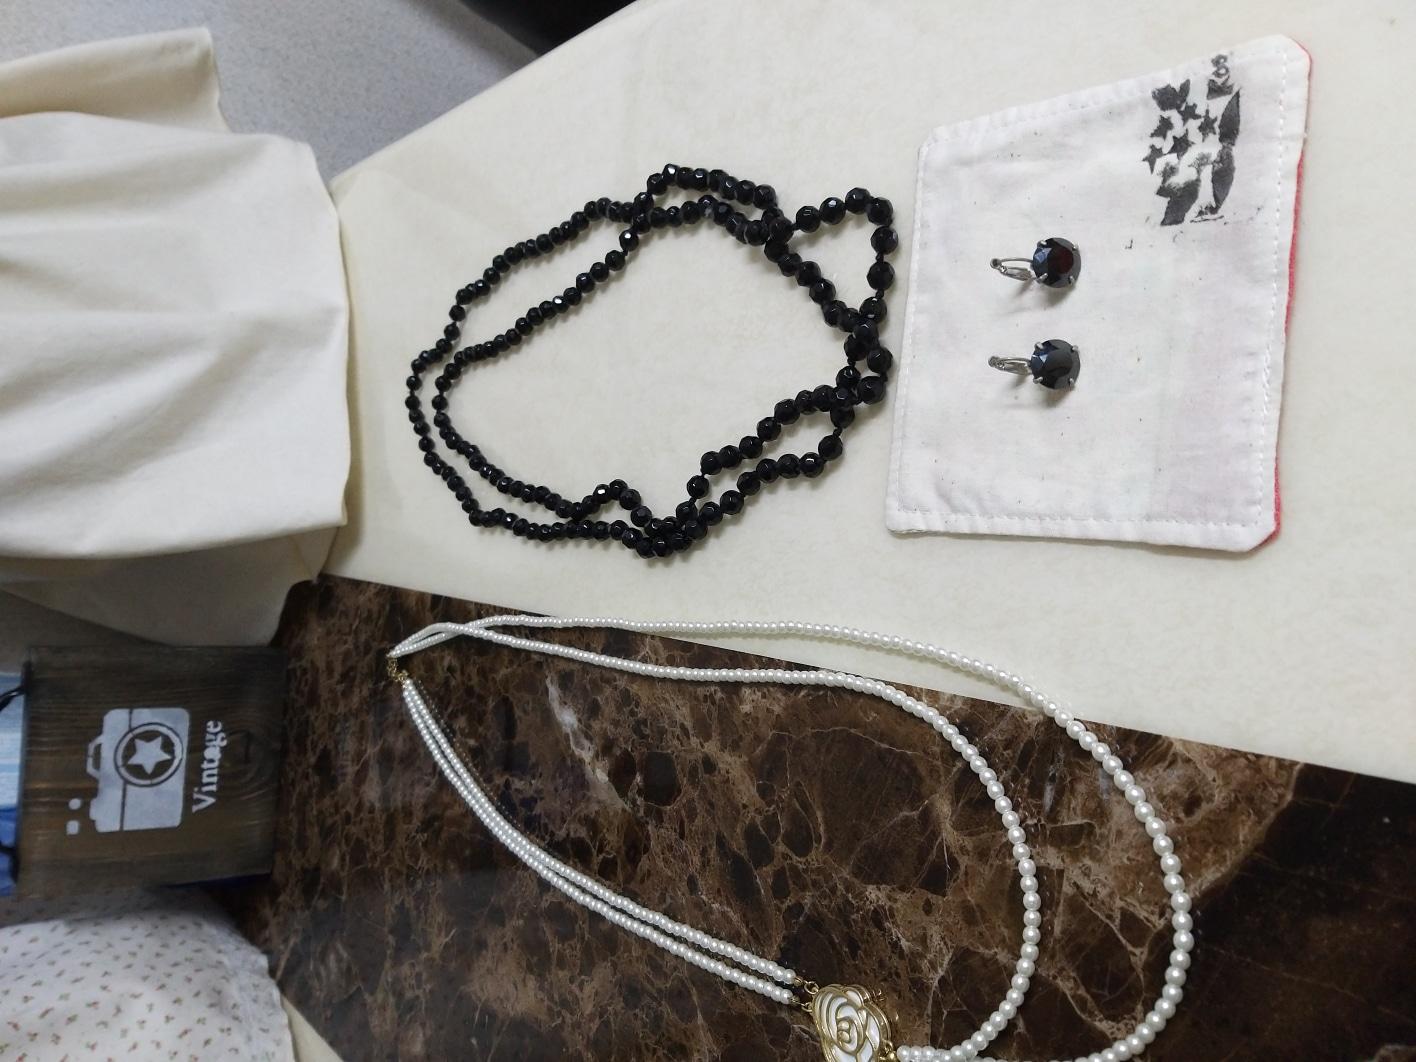 악세사리 목걸이귀걸이셋트,진주목걸이